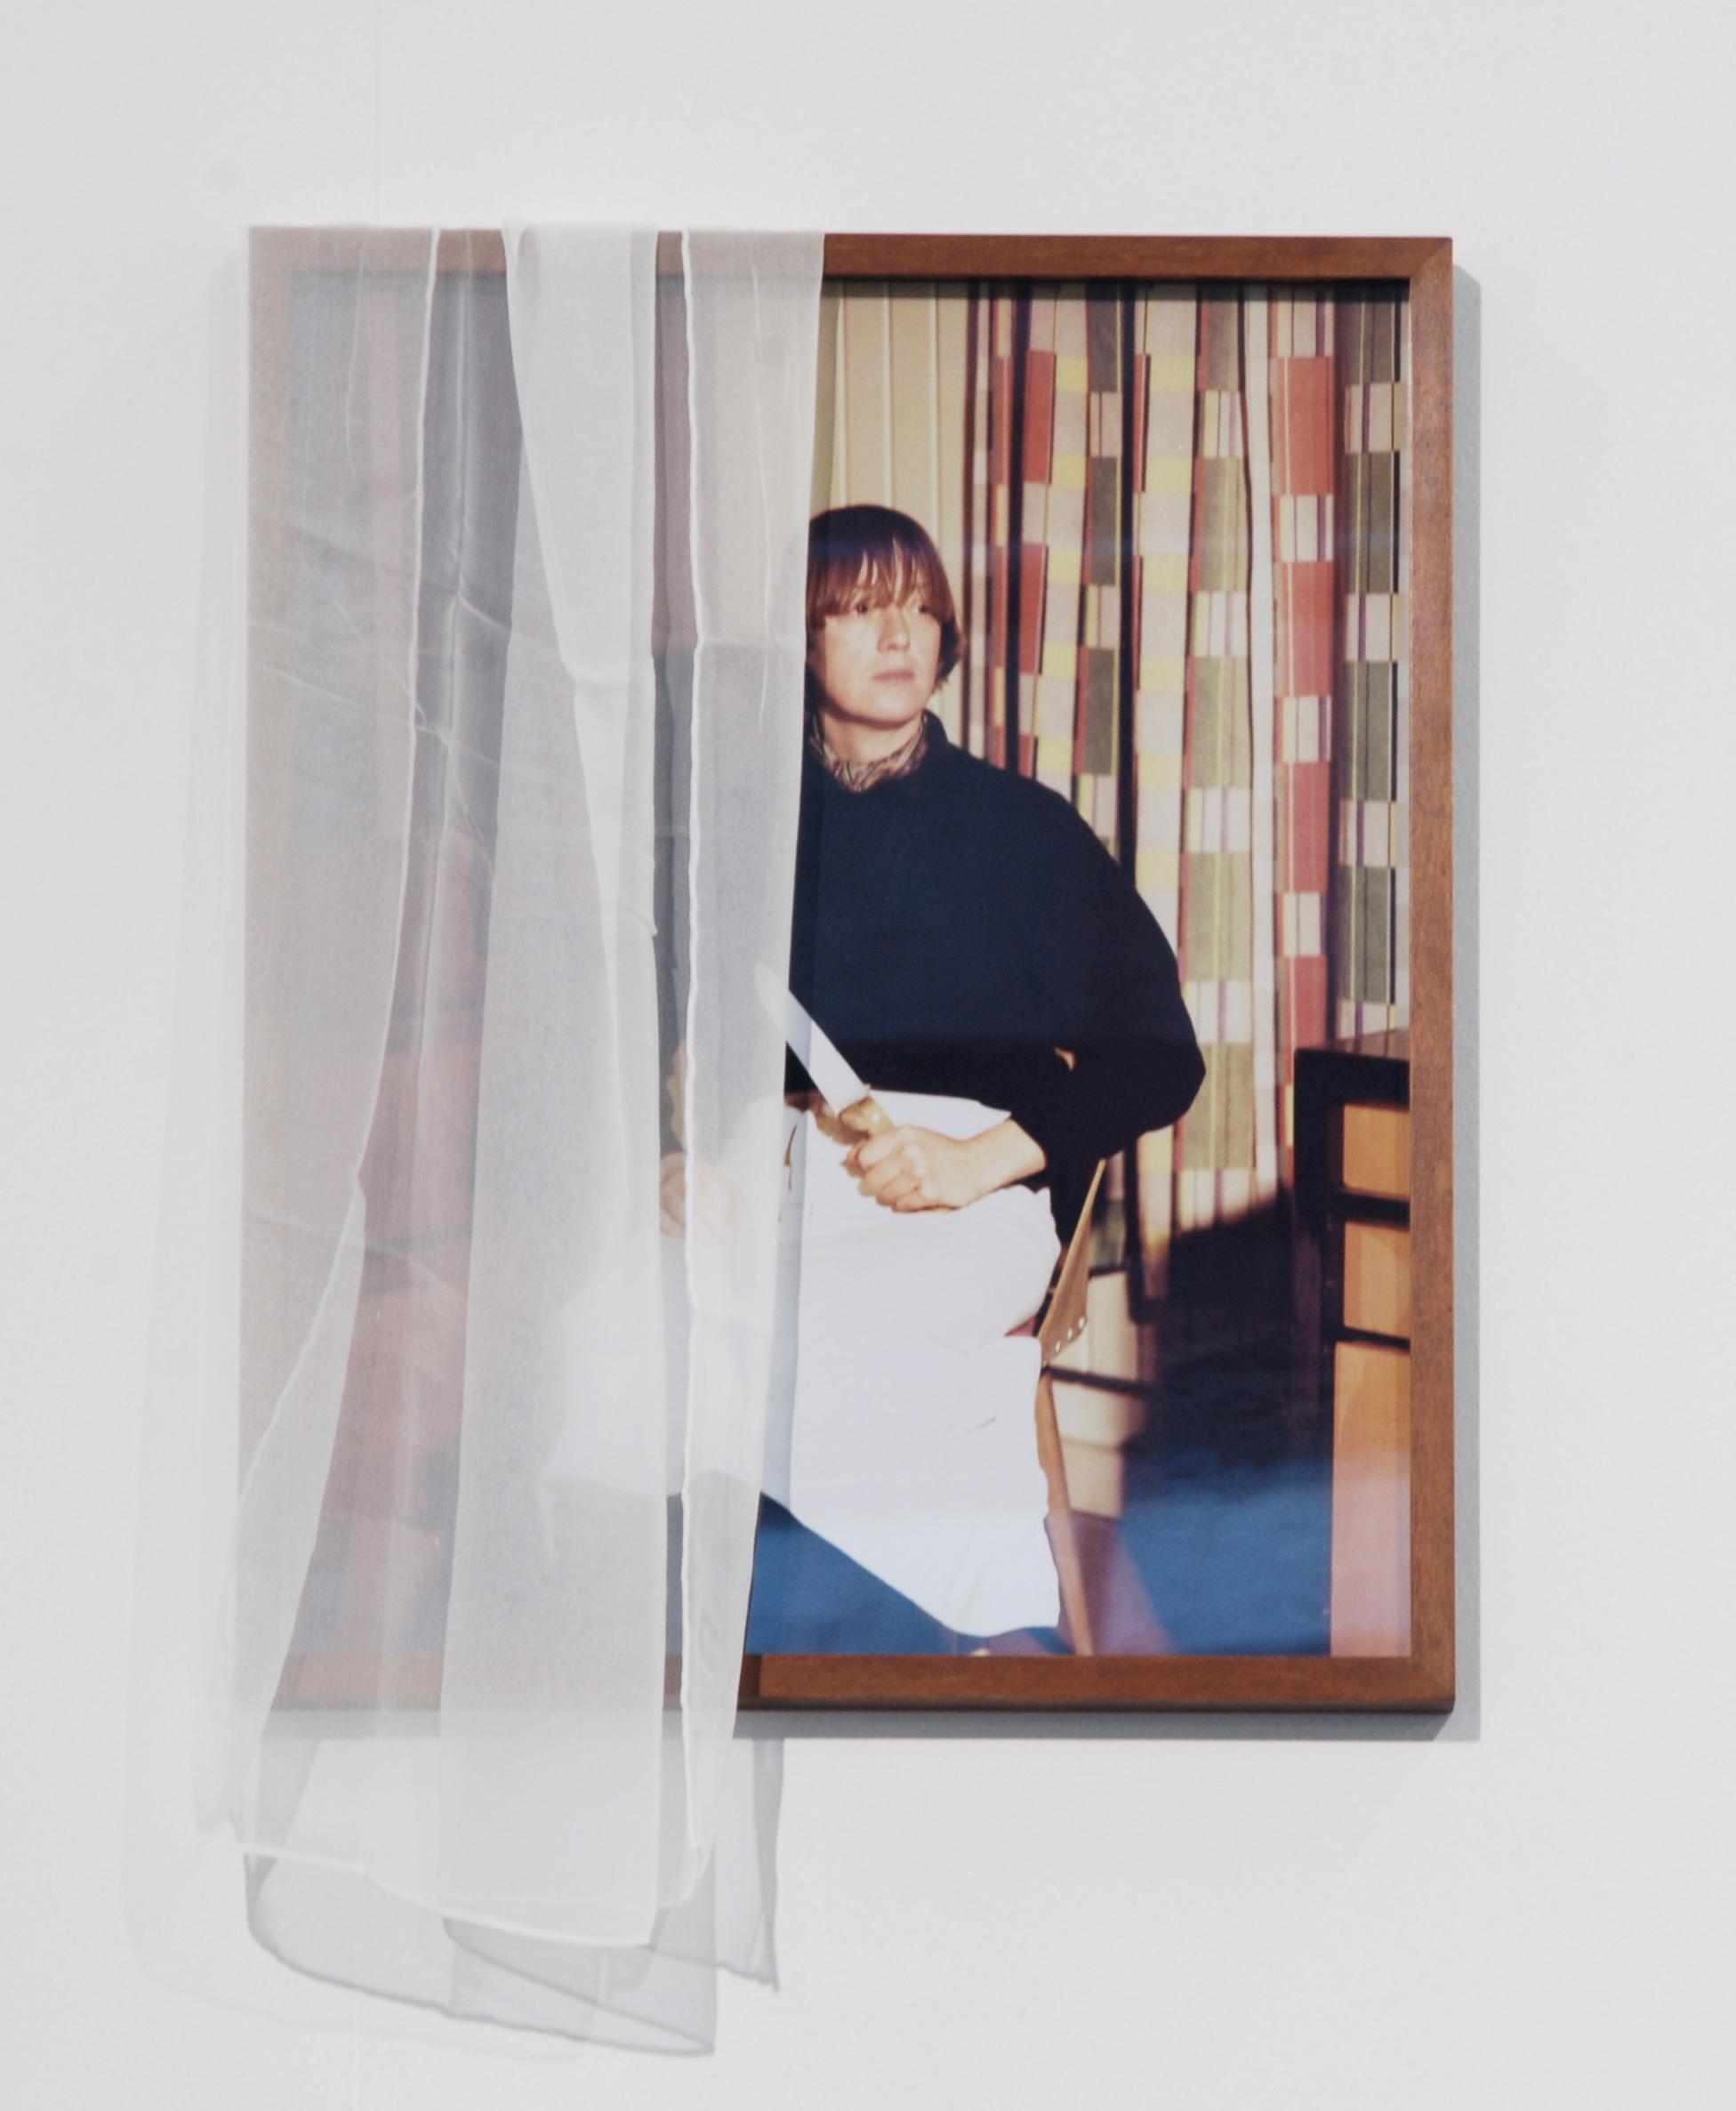 Simone Gilges Das Messer / The Knife, 2012 / 2016 Analoger C-Print, Rahmen, Seide 60 x 40 cm Courtesy die Künstlerin und KM, Berlin